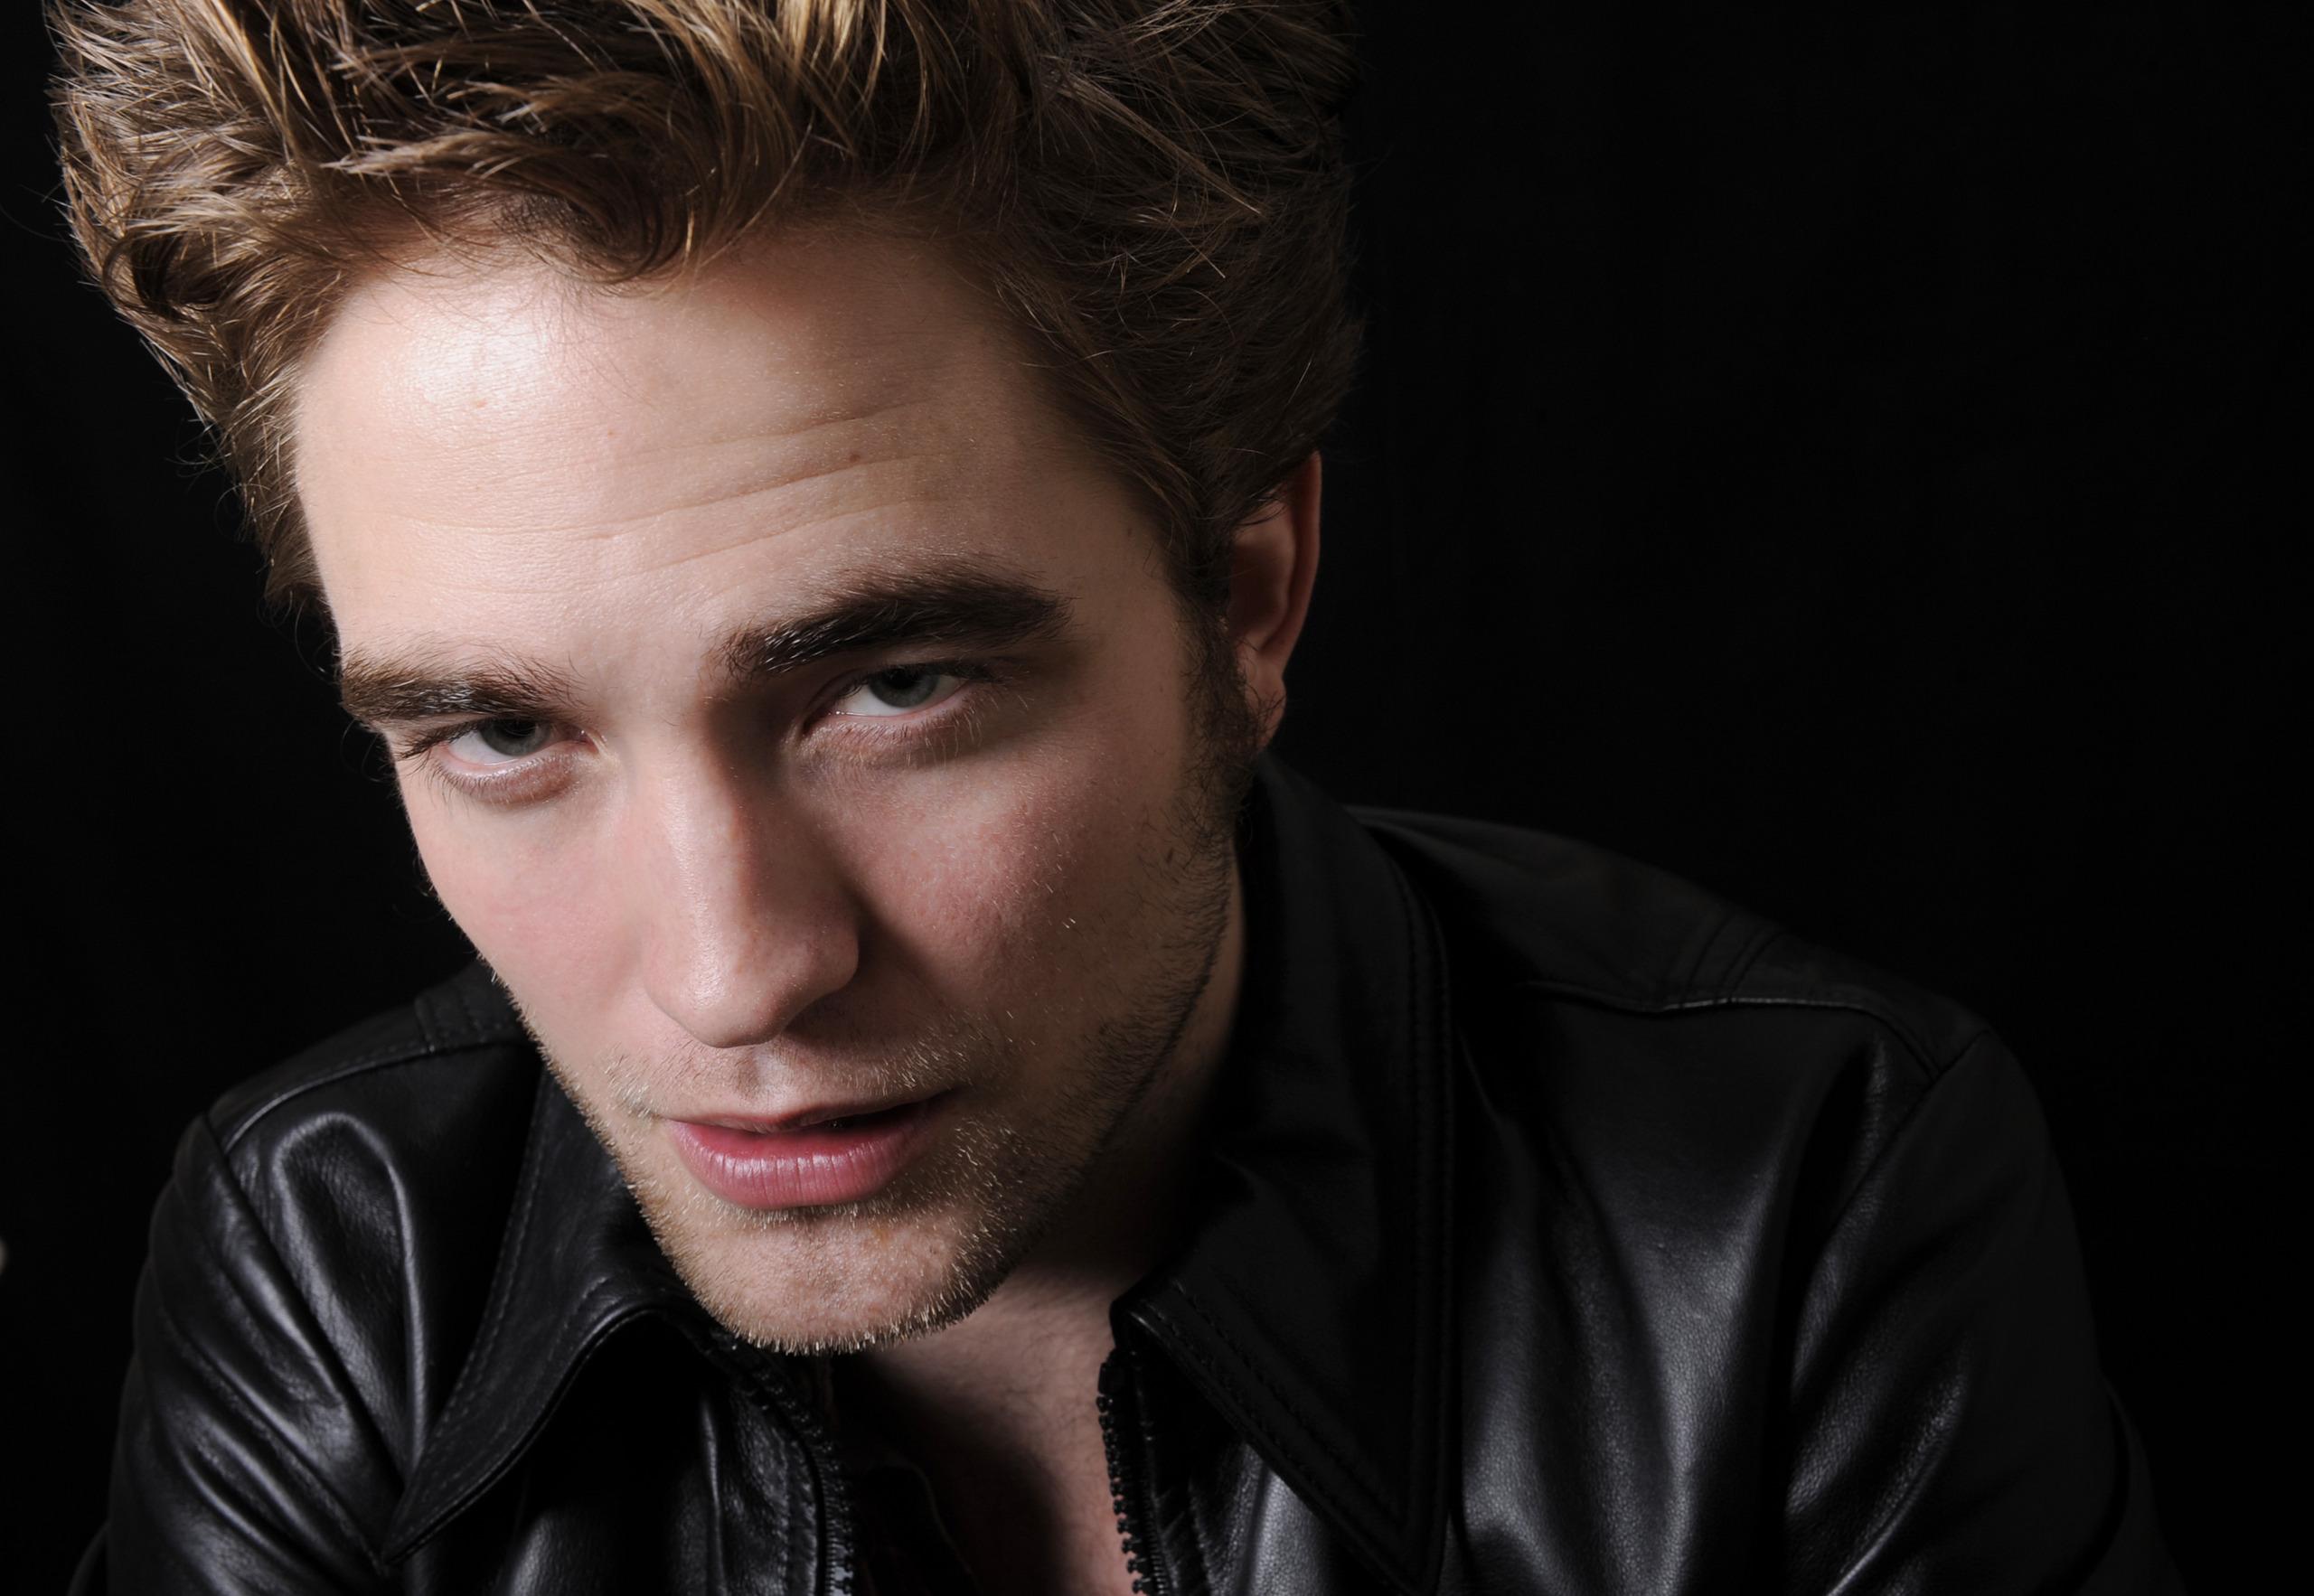 New* Robert Pattinson HQ Pics